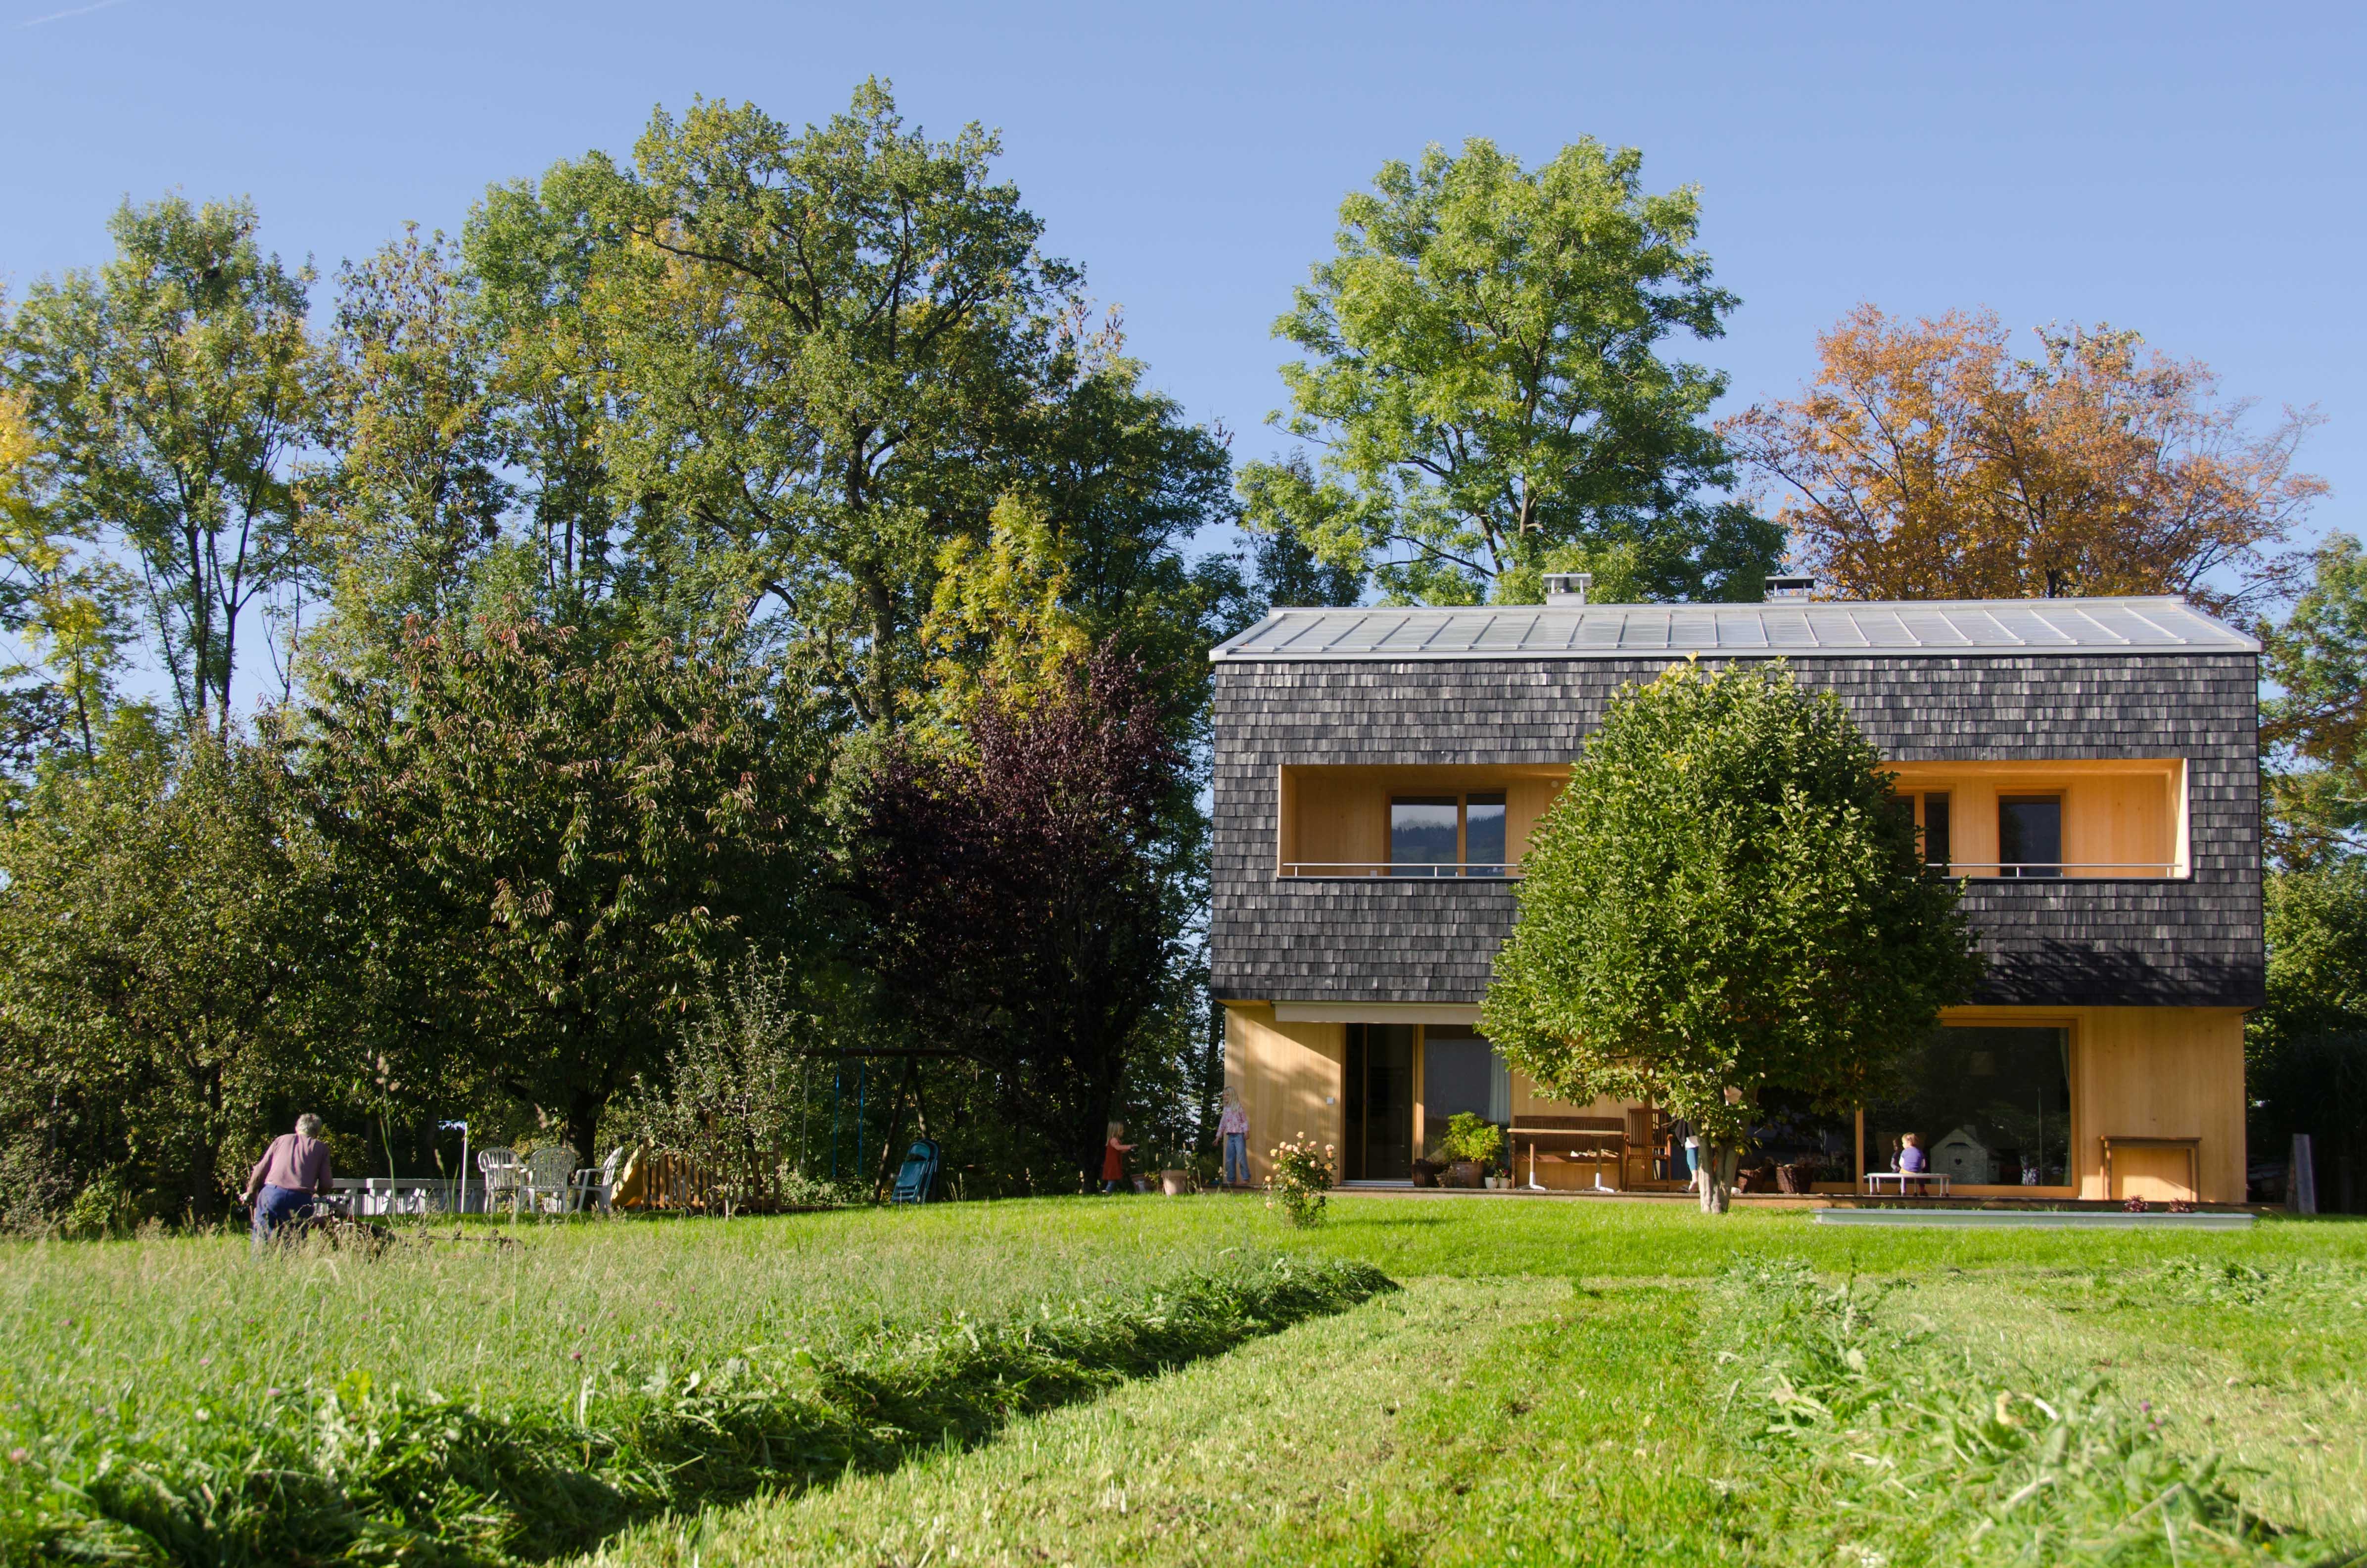 Bestandsimmobilie aus den 70ern: Aus dem Altbau haben die Architekten ein modernes Zuhause geschaffen.